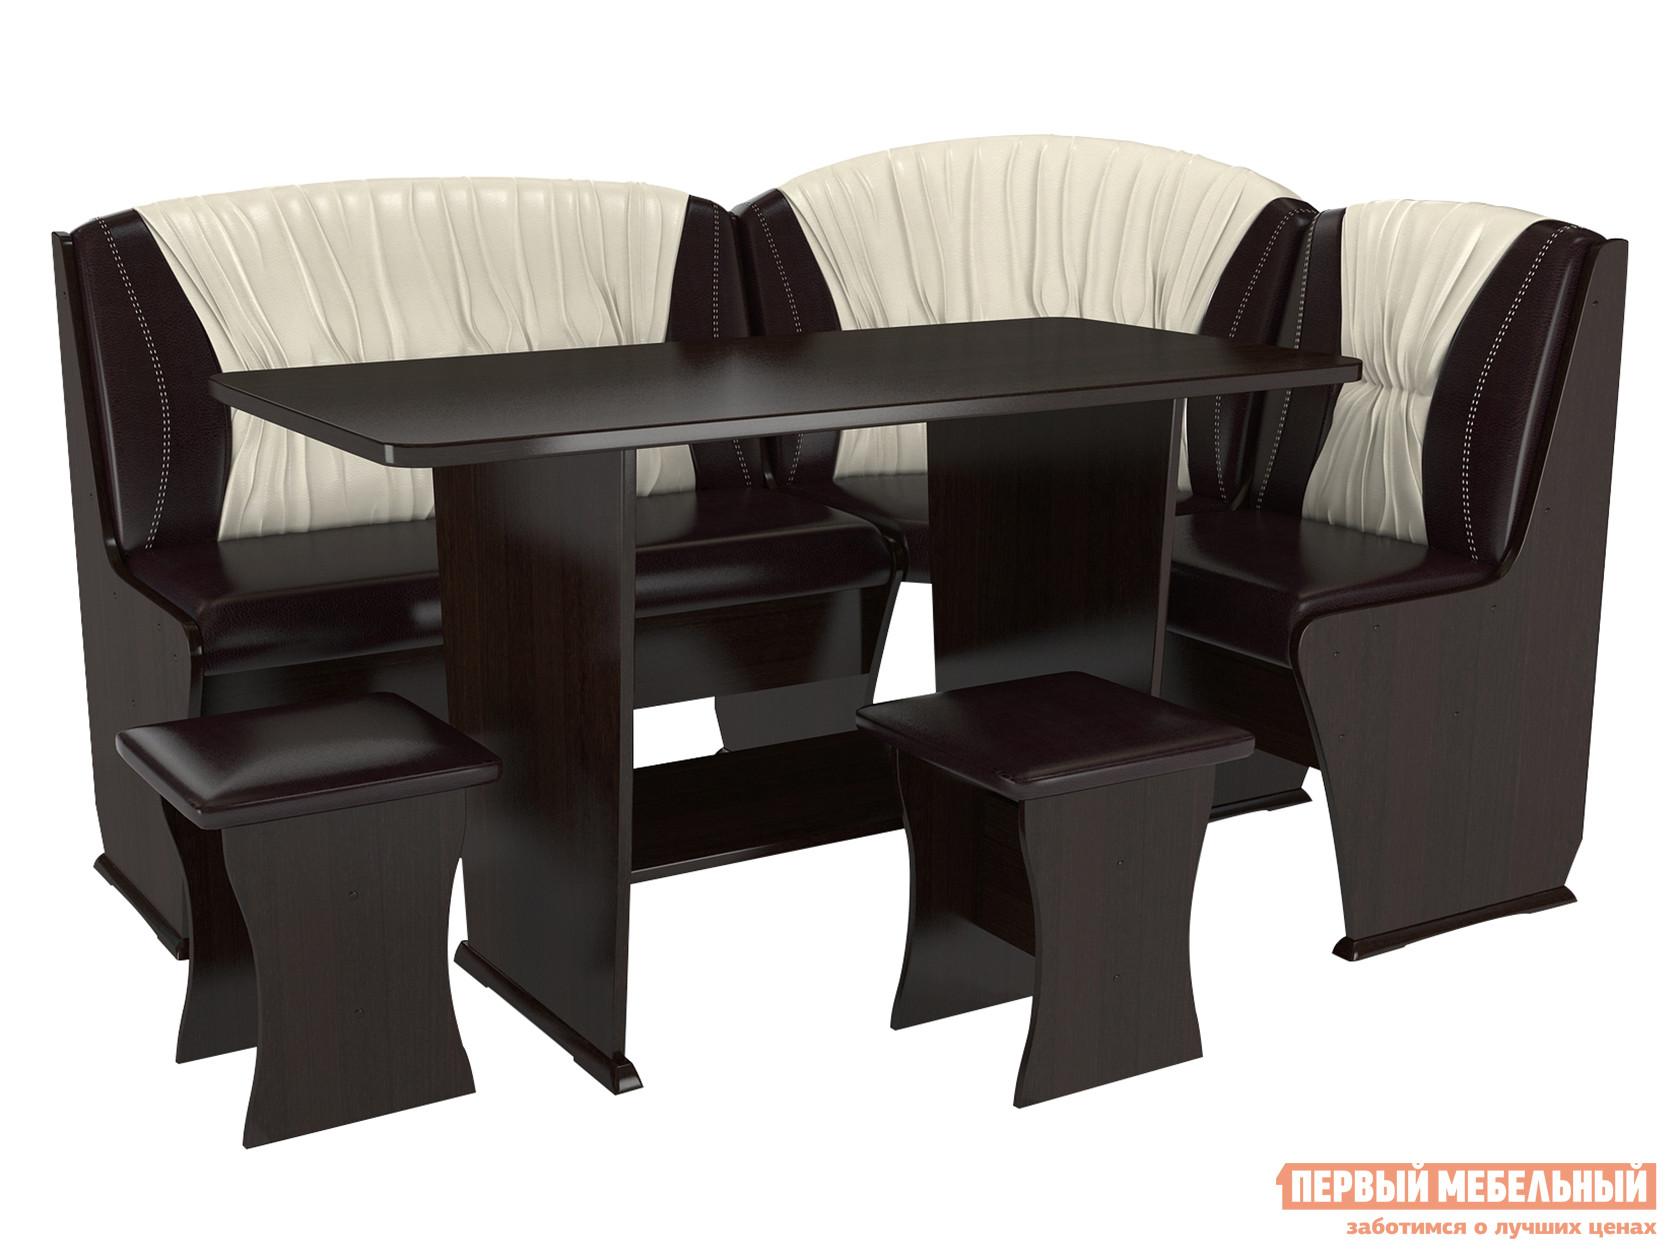 Мягкий кухонный уголок со столом и стульями ТАЛАНТ Консул-4